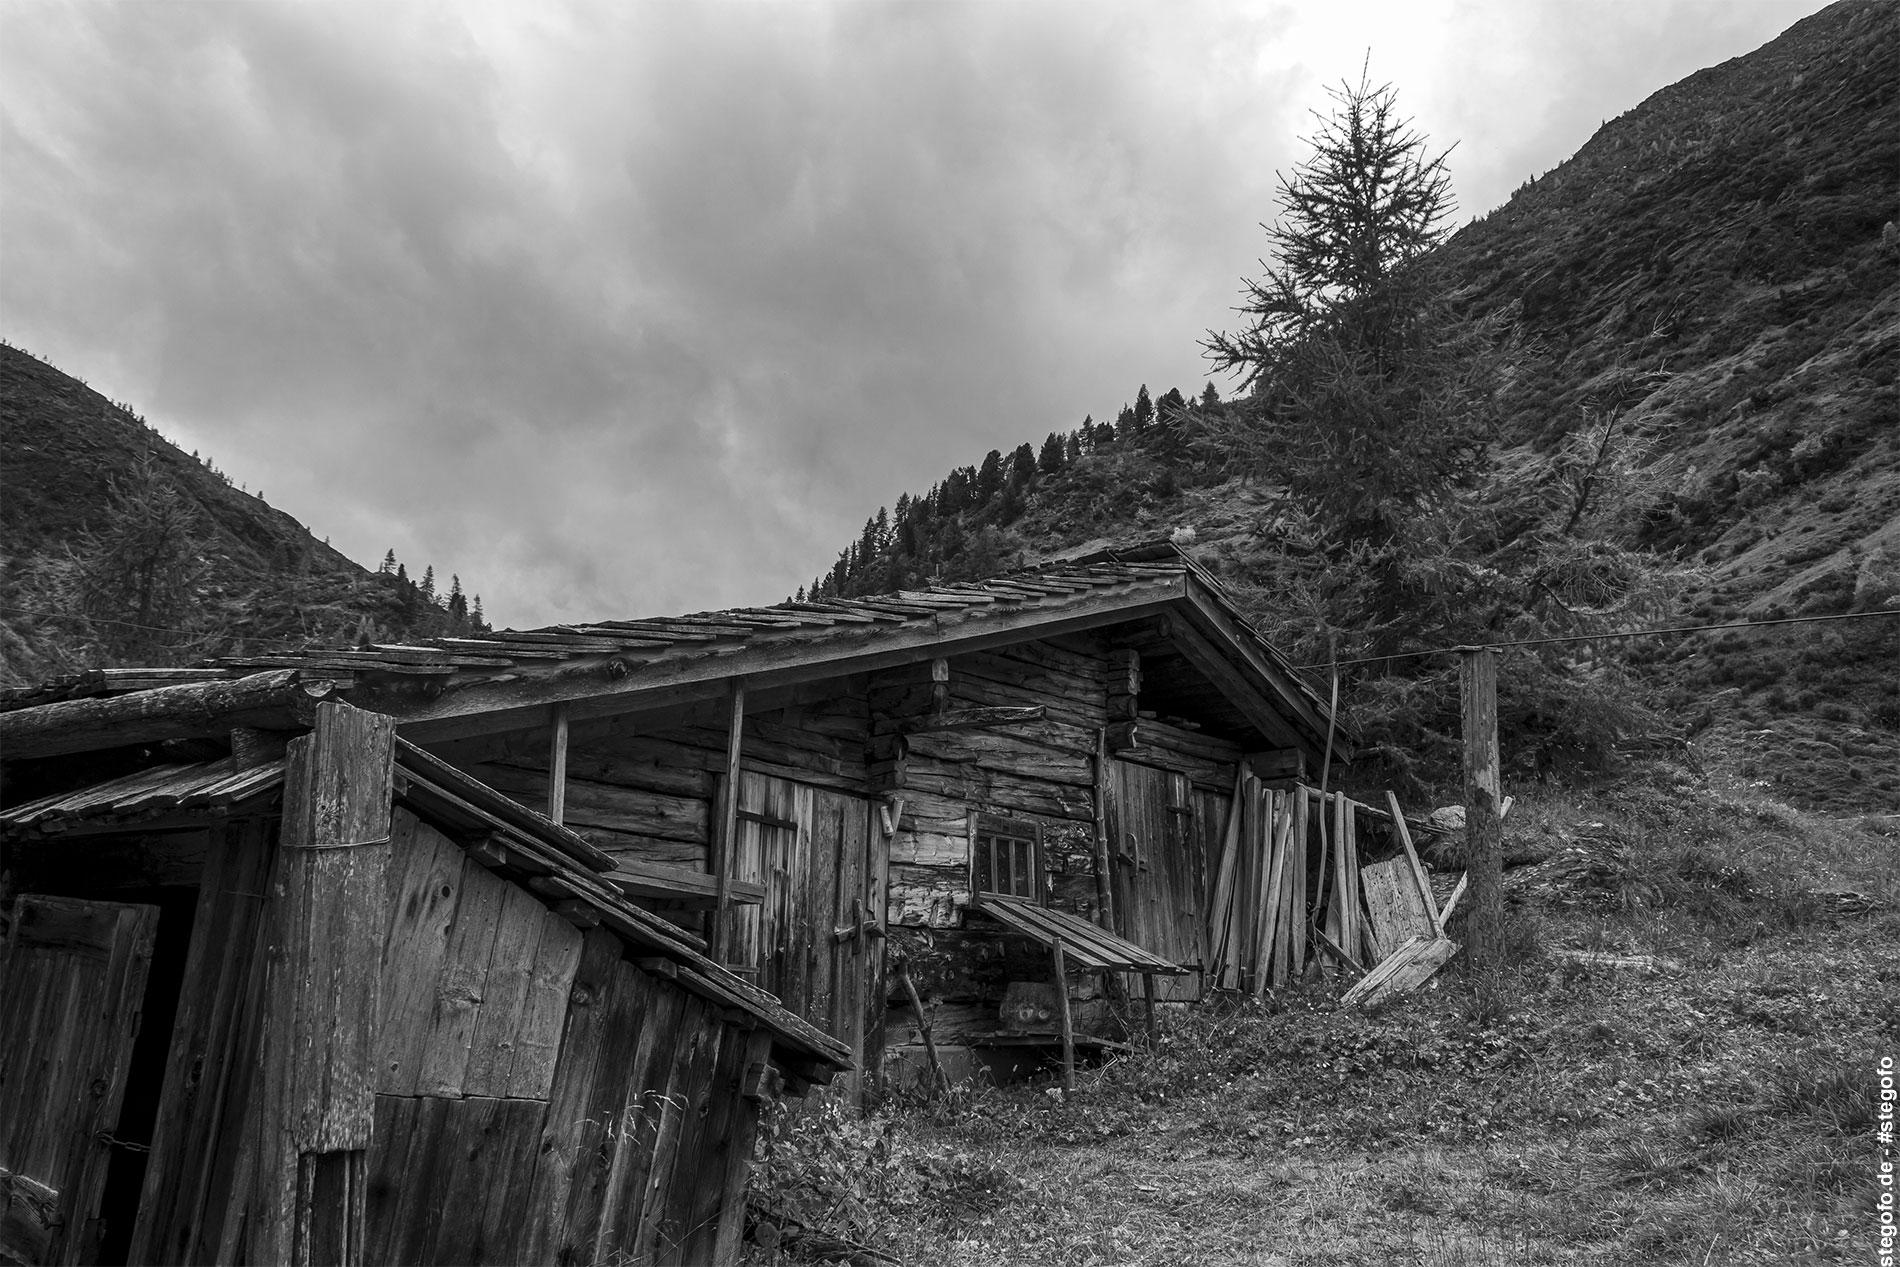 Die verlassene Hütte